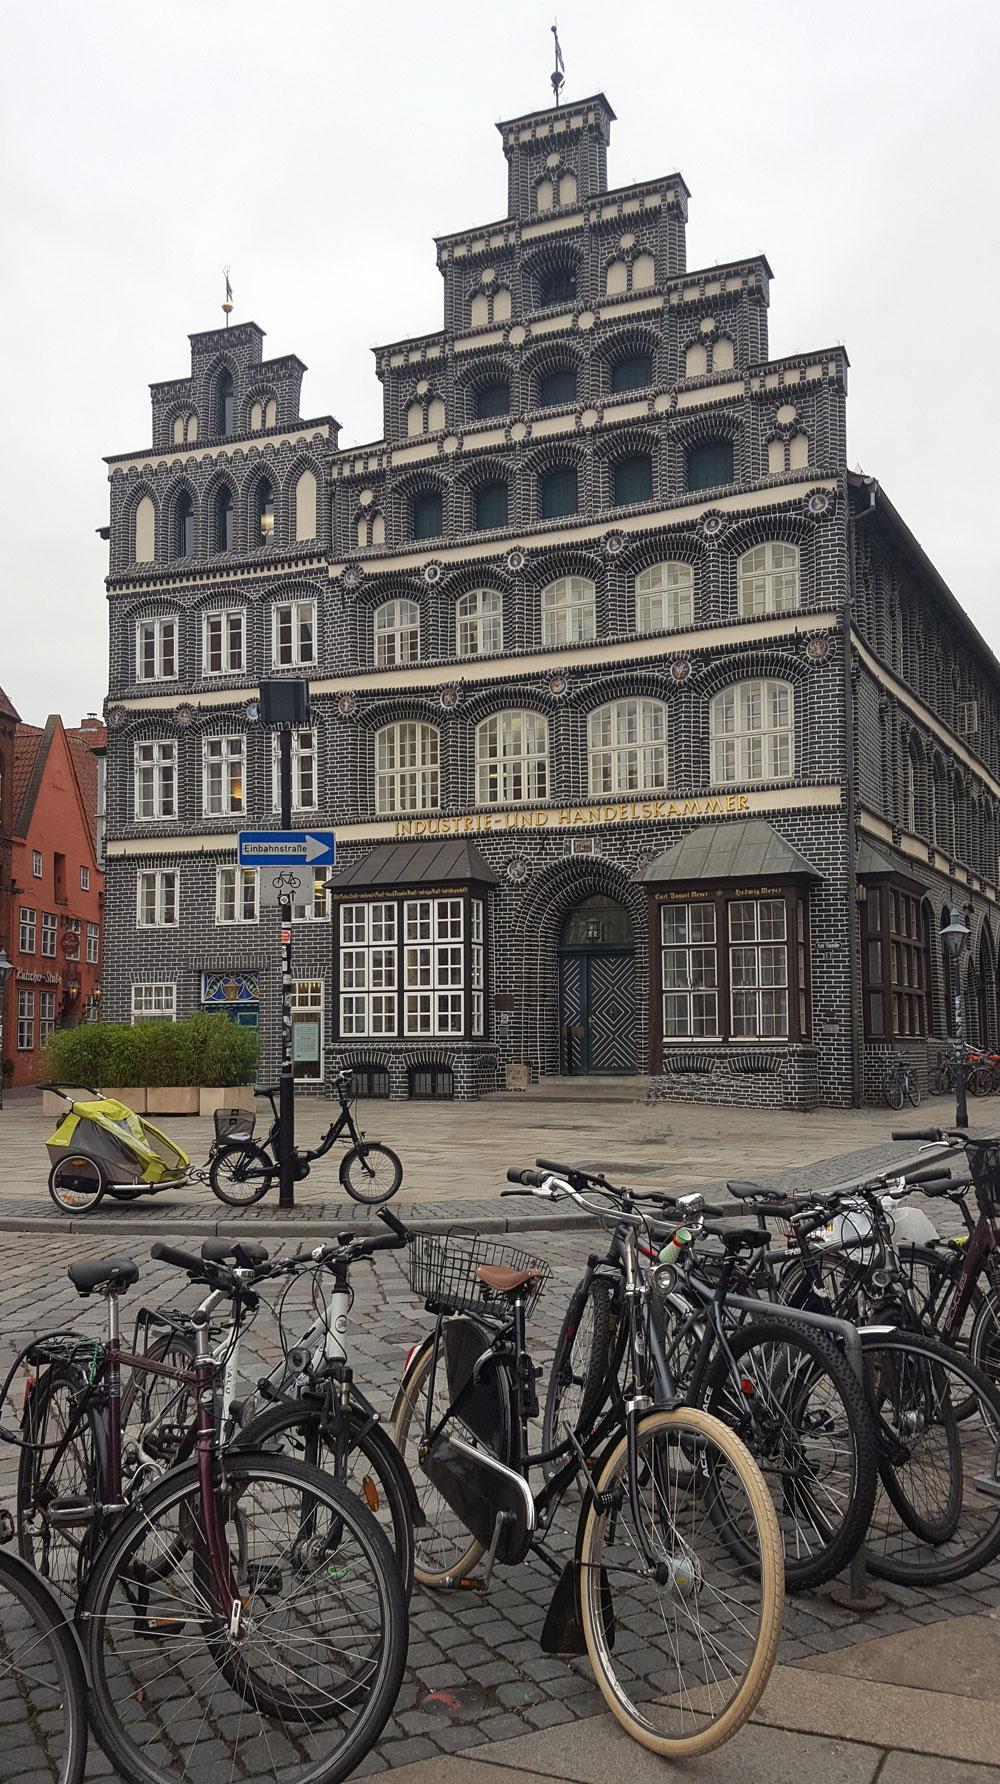 Fahrräder vor der Industrie- und Handelkammer in Lünebrug